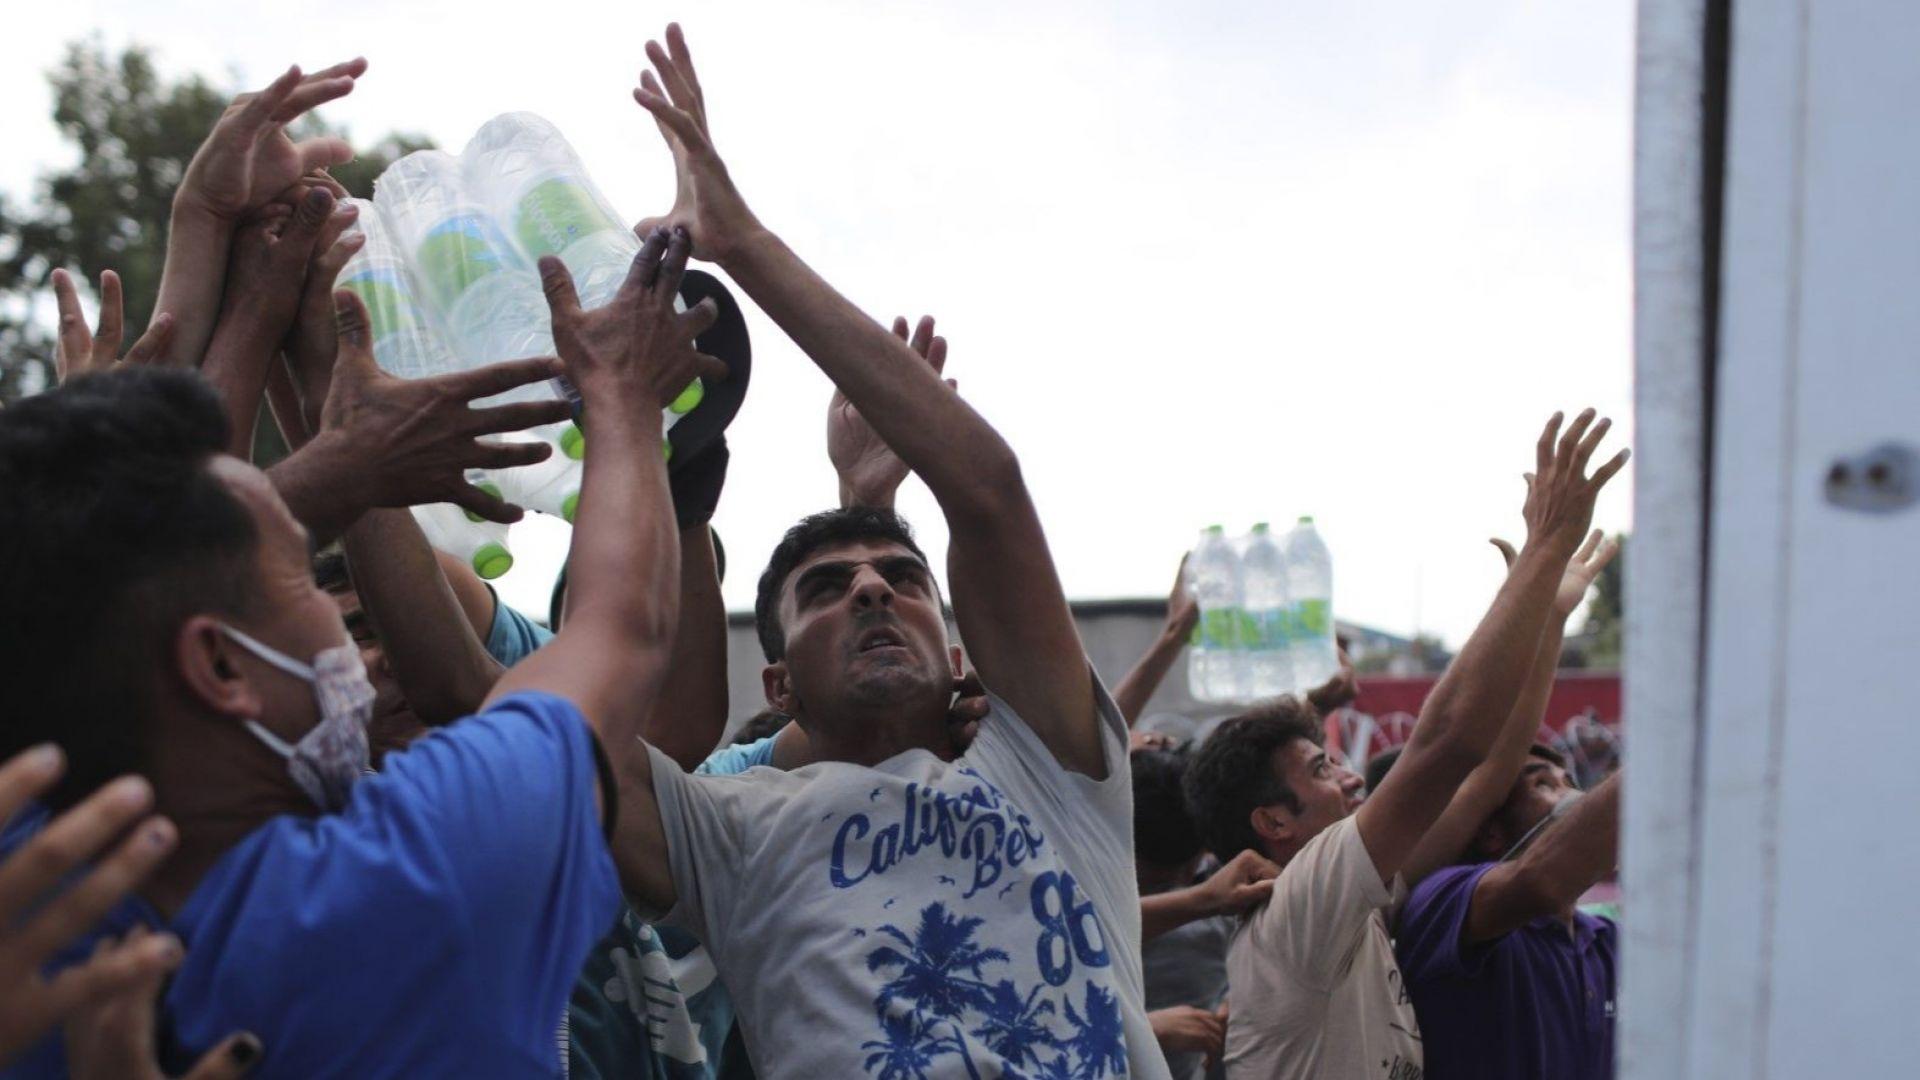 Връщането на мигрант струва на ЕС средно по 2500 евро